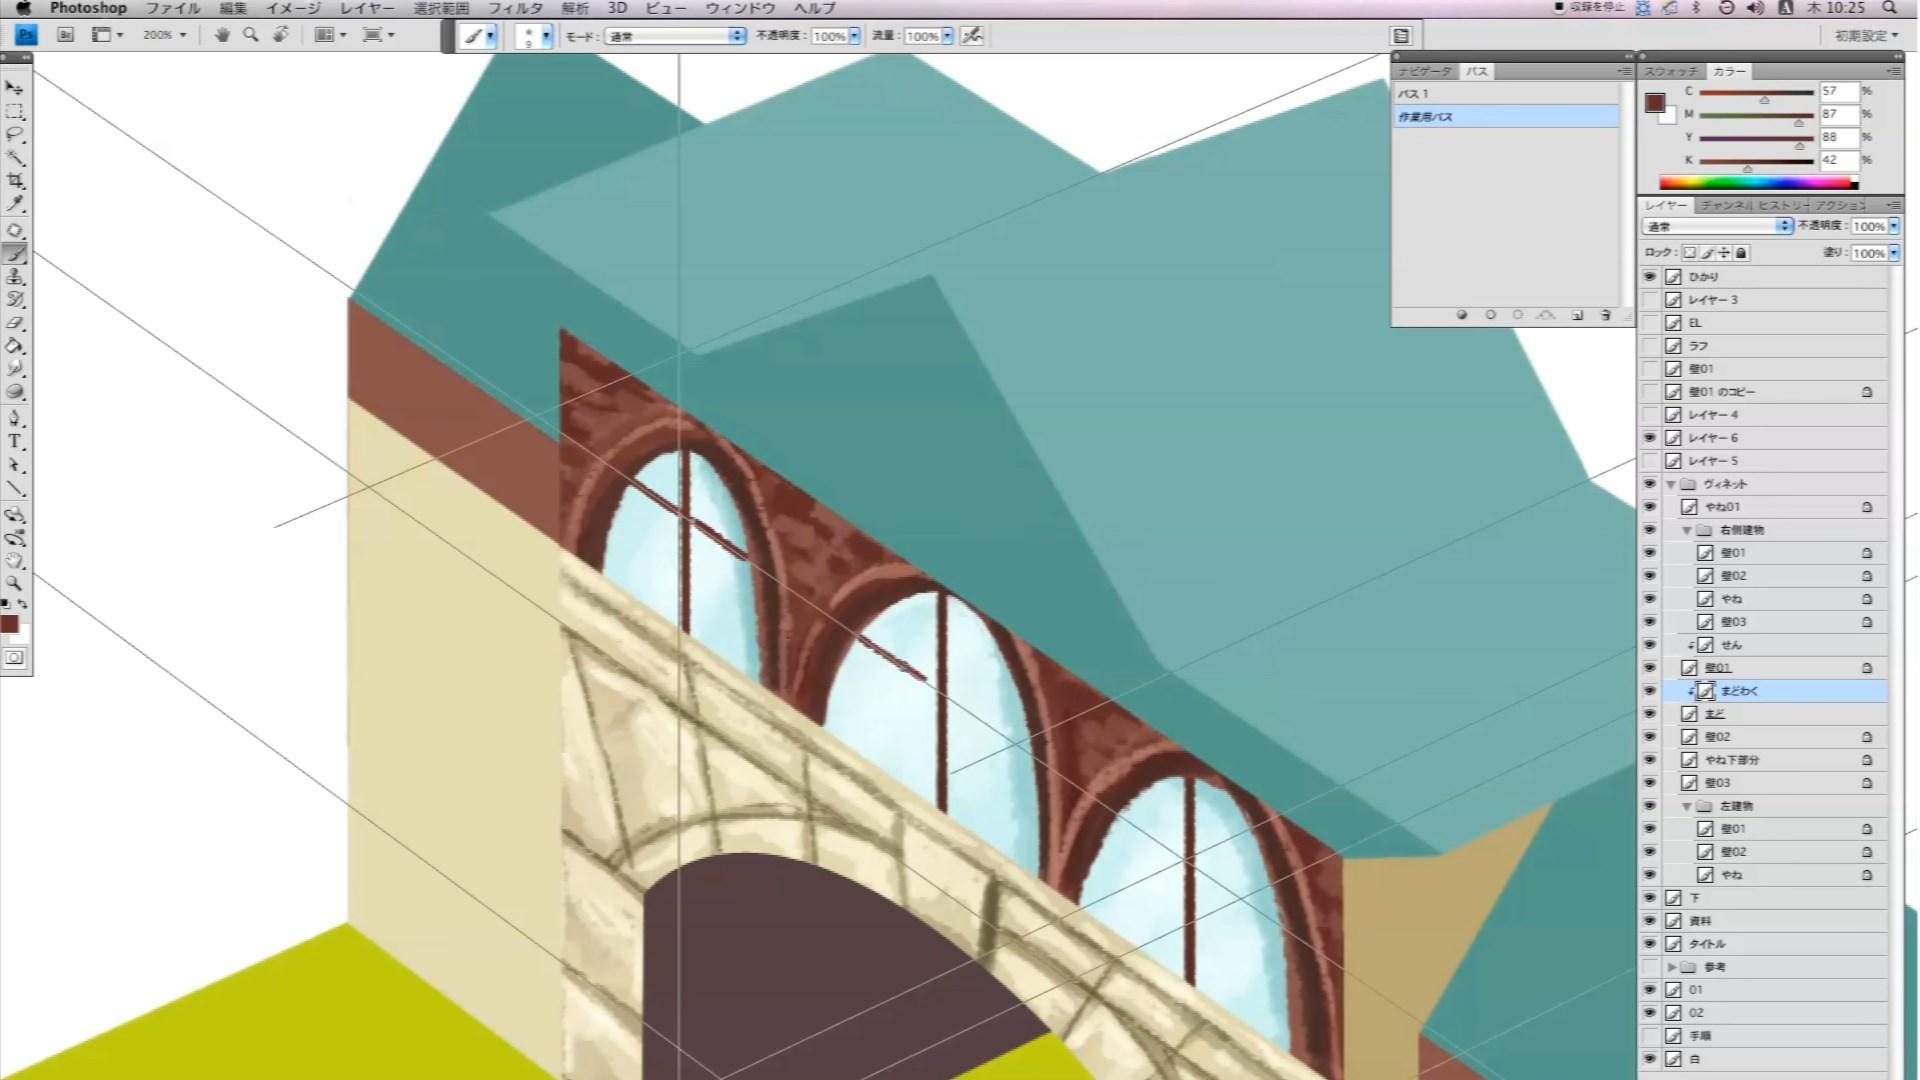 パースに合わせて窓枠を描きいれていきます